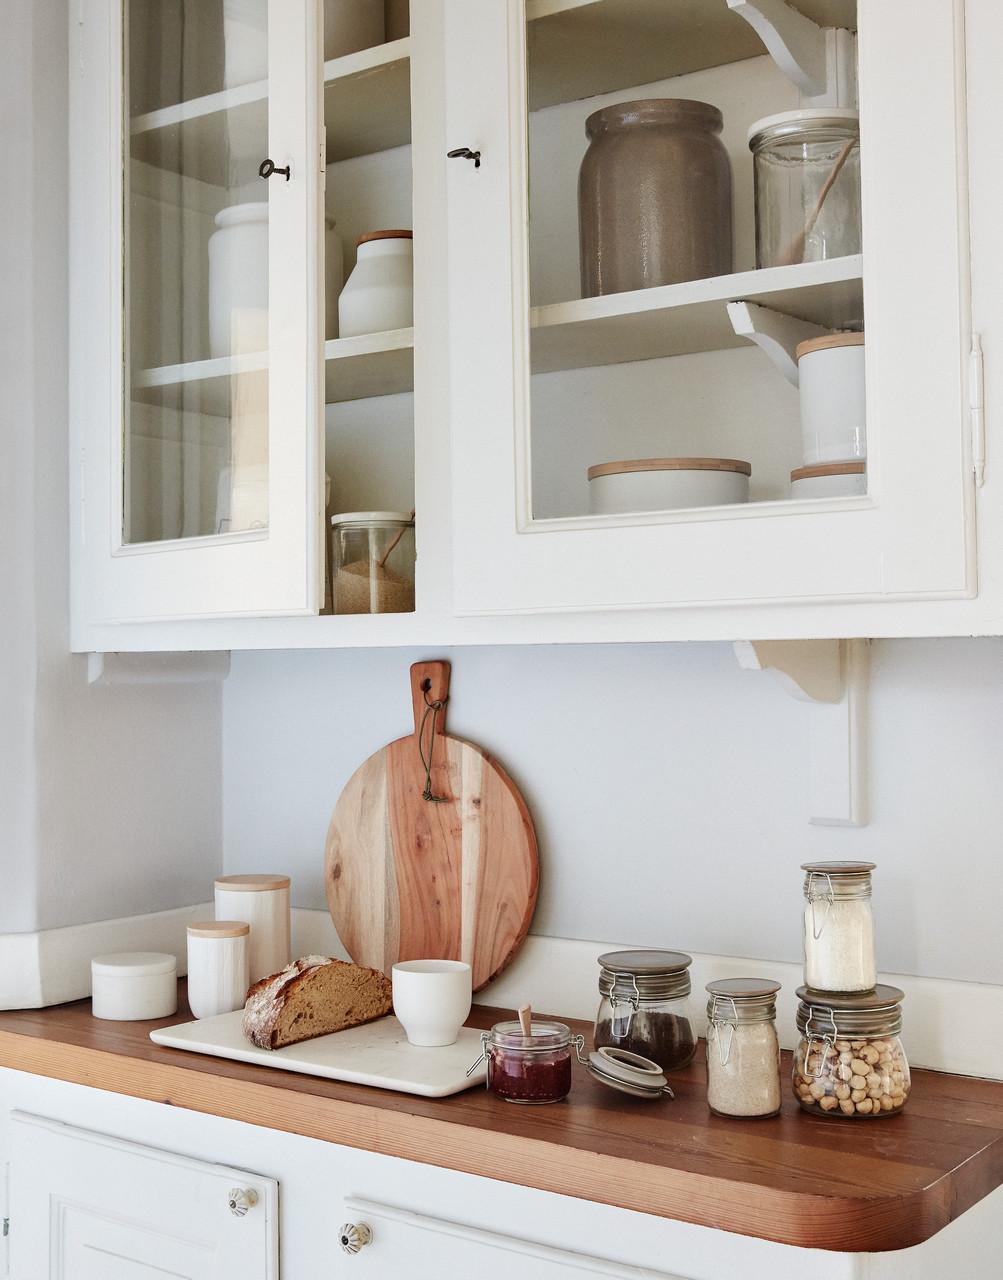 Vorratsbehälter - Verliebt in Zuhause! ♥ Interior Shop Home & Living